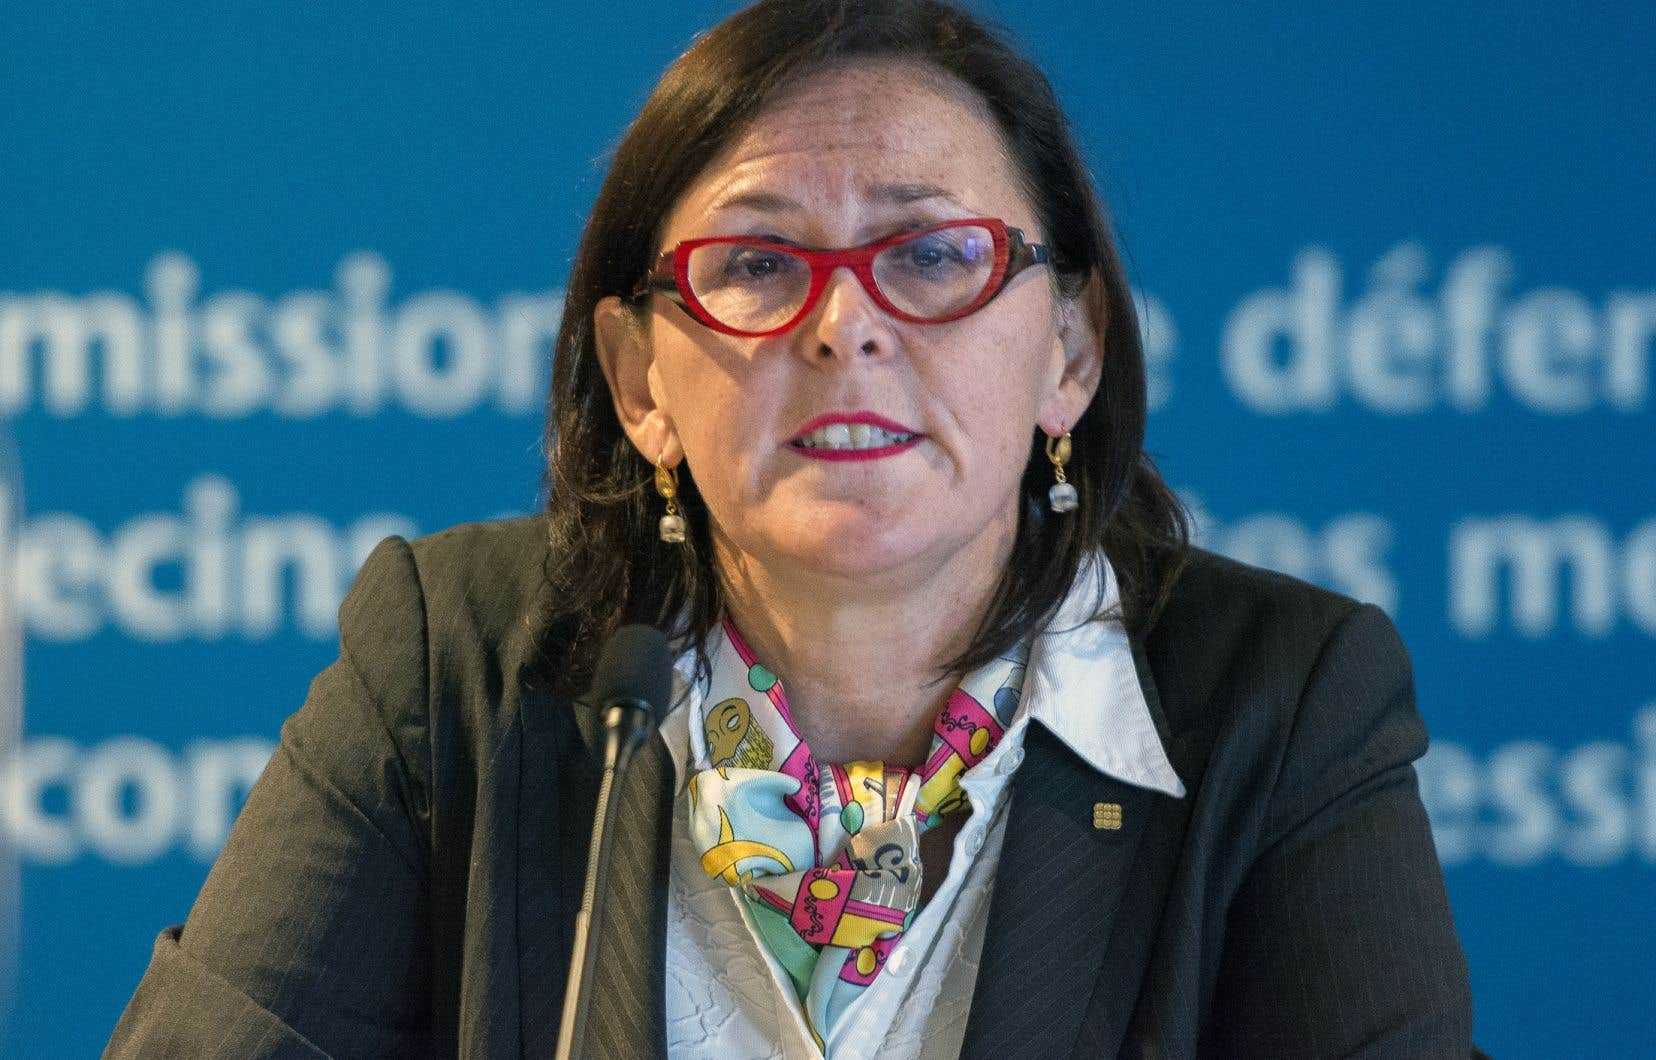 Diane Francœur, présidente de la FMSQ, n'apprécie guère le travail des journalistes qu'elle accuse de déformer la réalité.